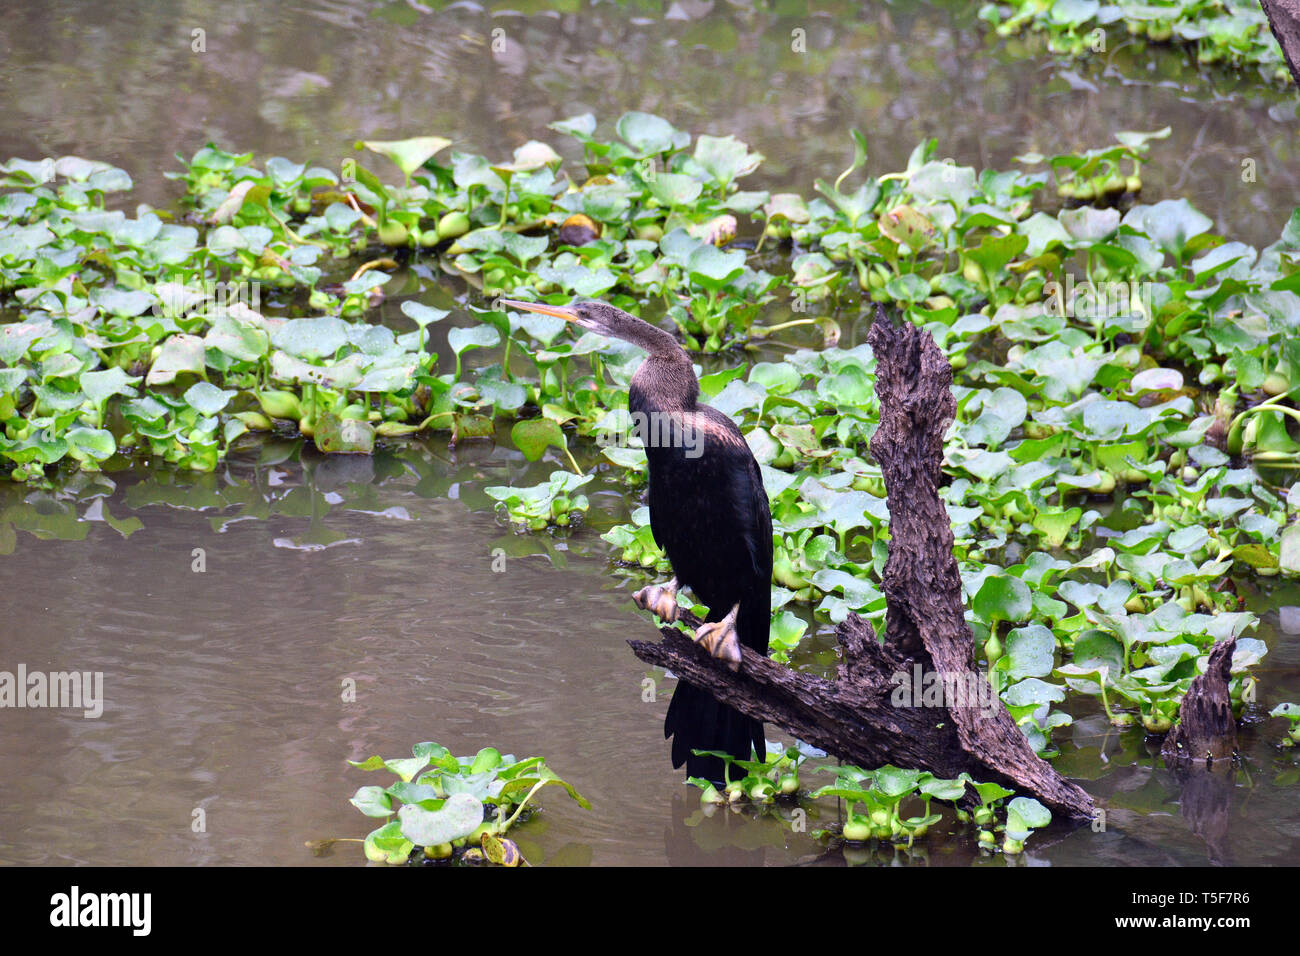 Oriental darter, Indische Schlangenhalsvogel, Anhinga melanogaster, feketehasú kígyónyakúmadár, Sri Lanka - Stock Image